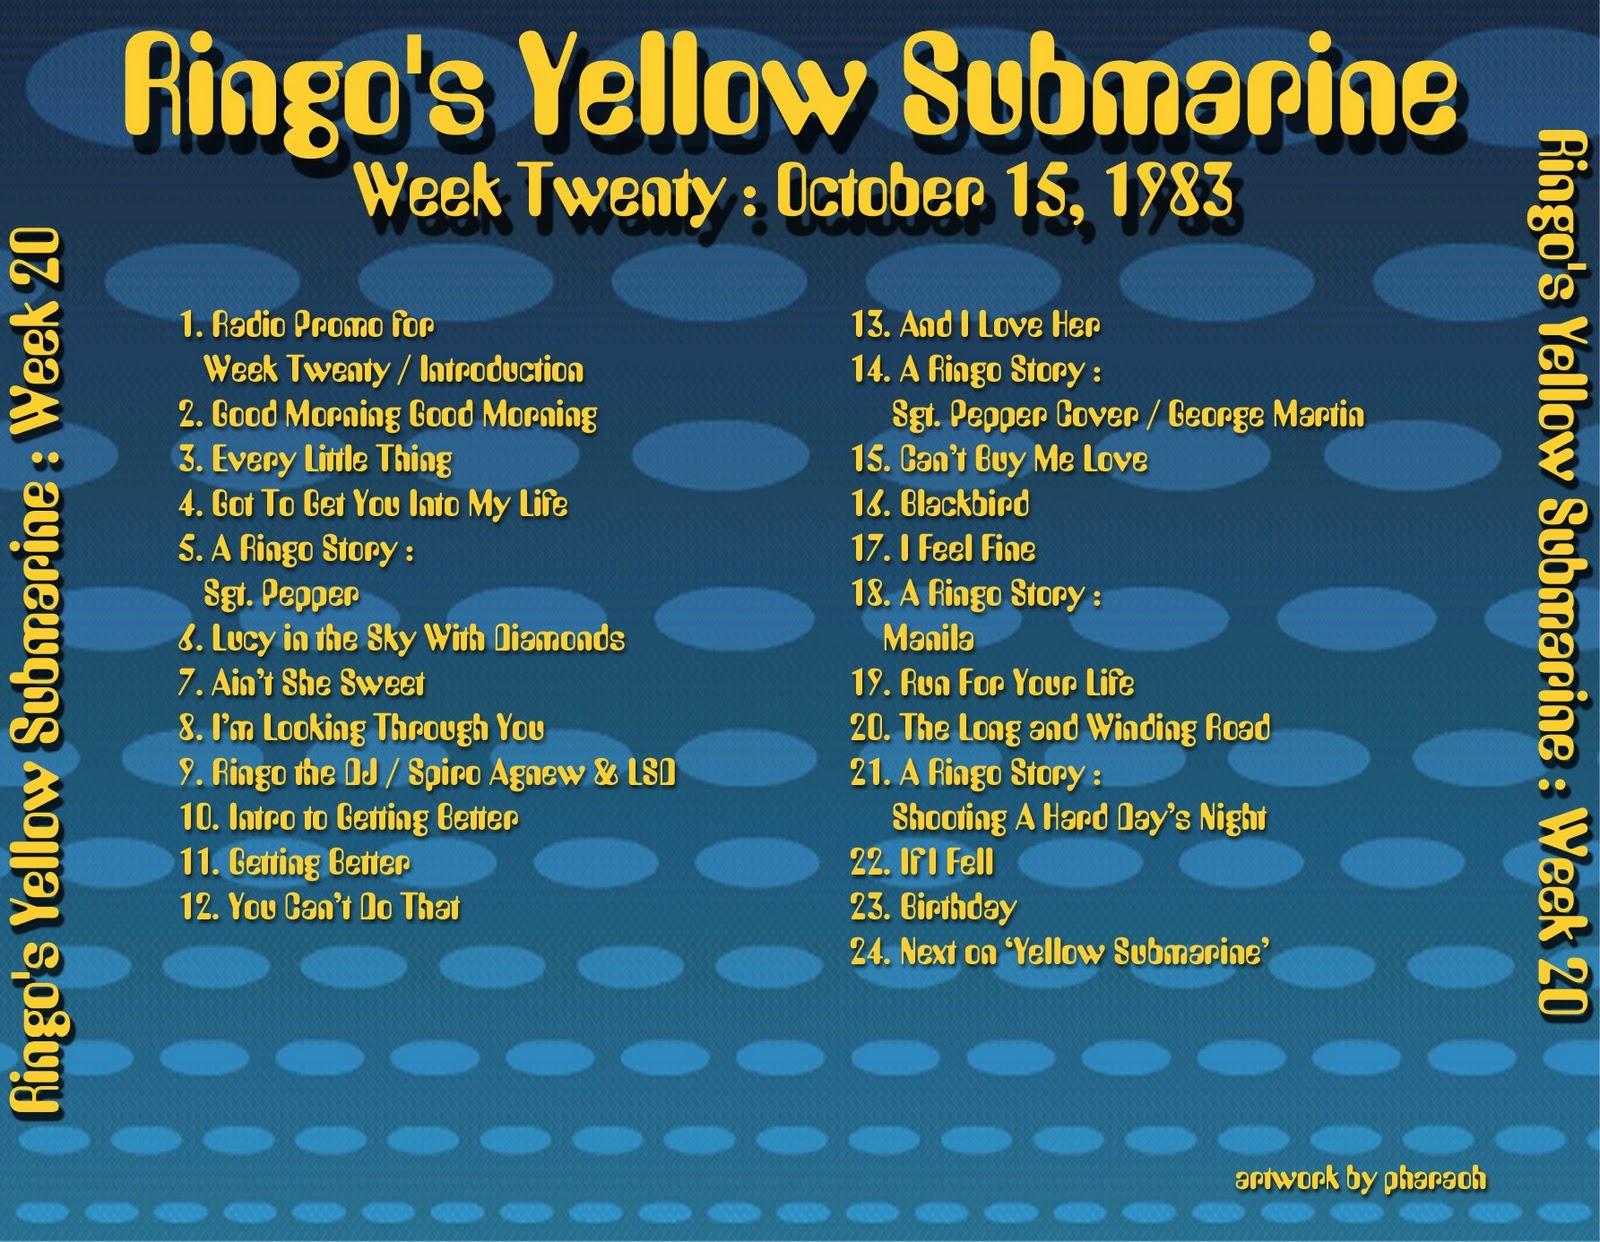 1983 10 15 Ringo's Yellow Submarine 20 #B89B13 1600 1242